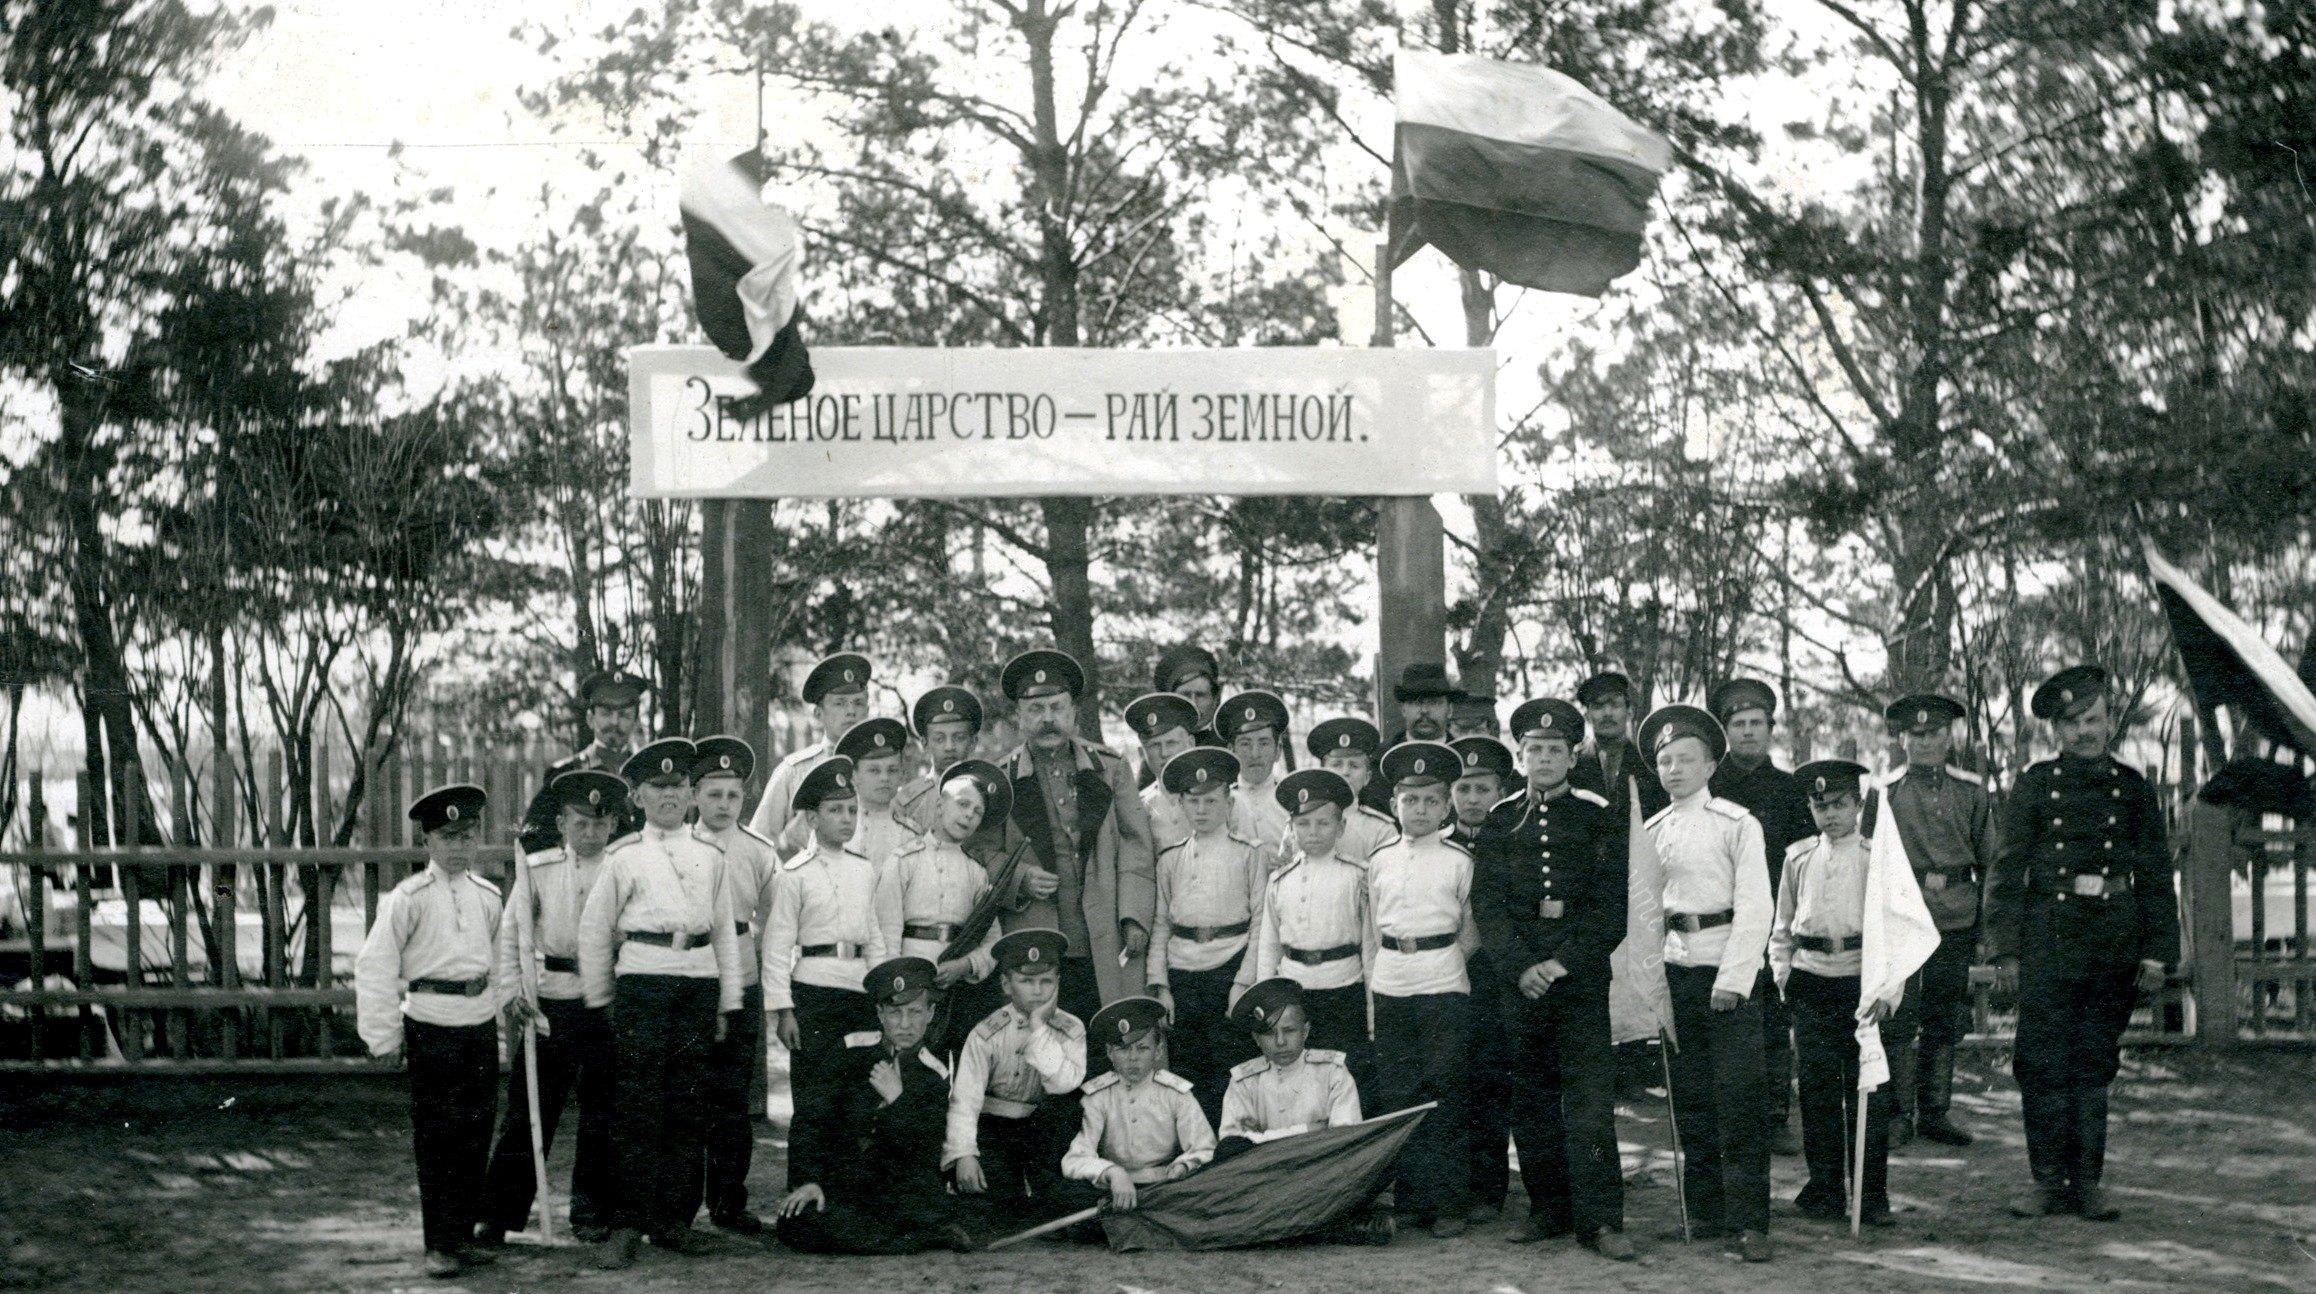 Генерал Медведев и кадеты Омского кадетского корпуса у входа в кадетский сад. 22 апреля.  1912